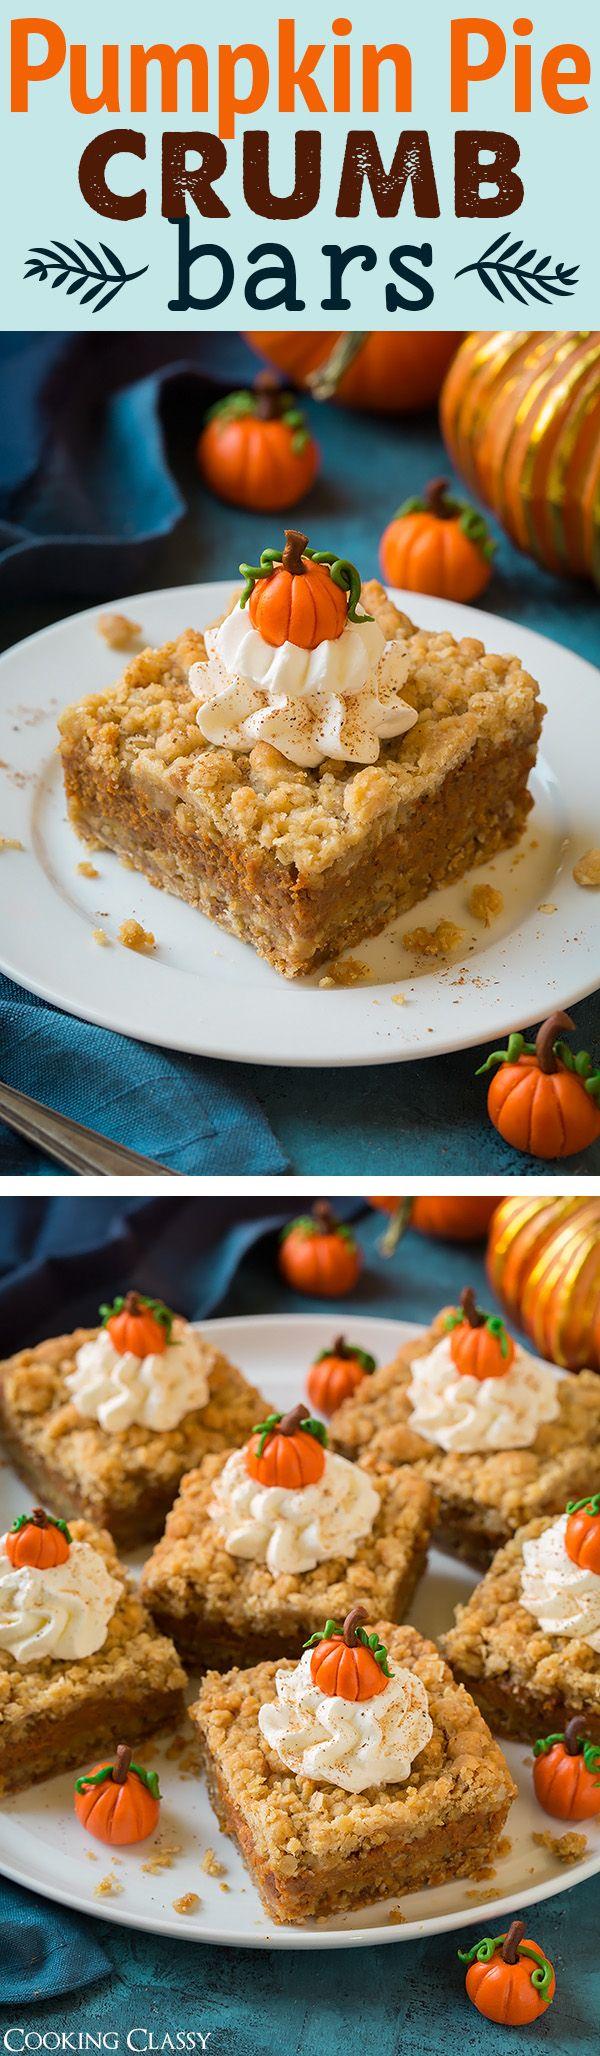 Pumpkin Pie Crumb Bars recipe via @cookingclassy